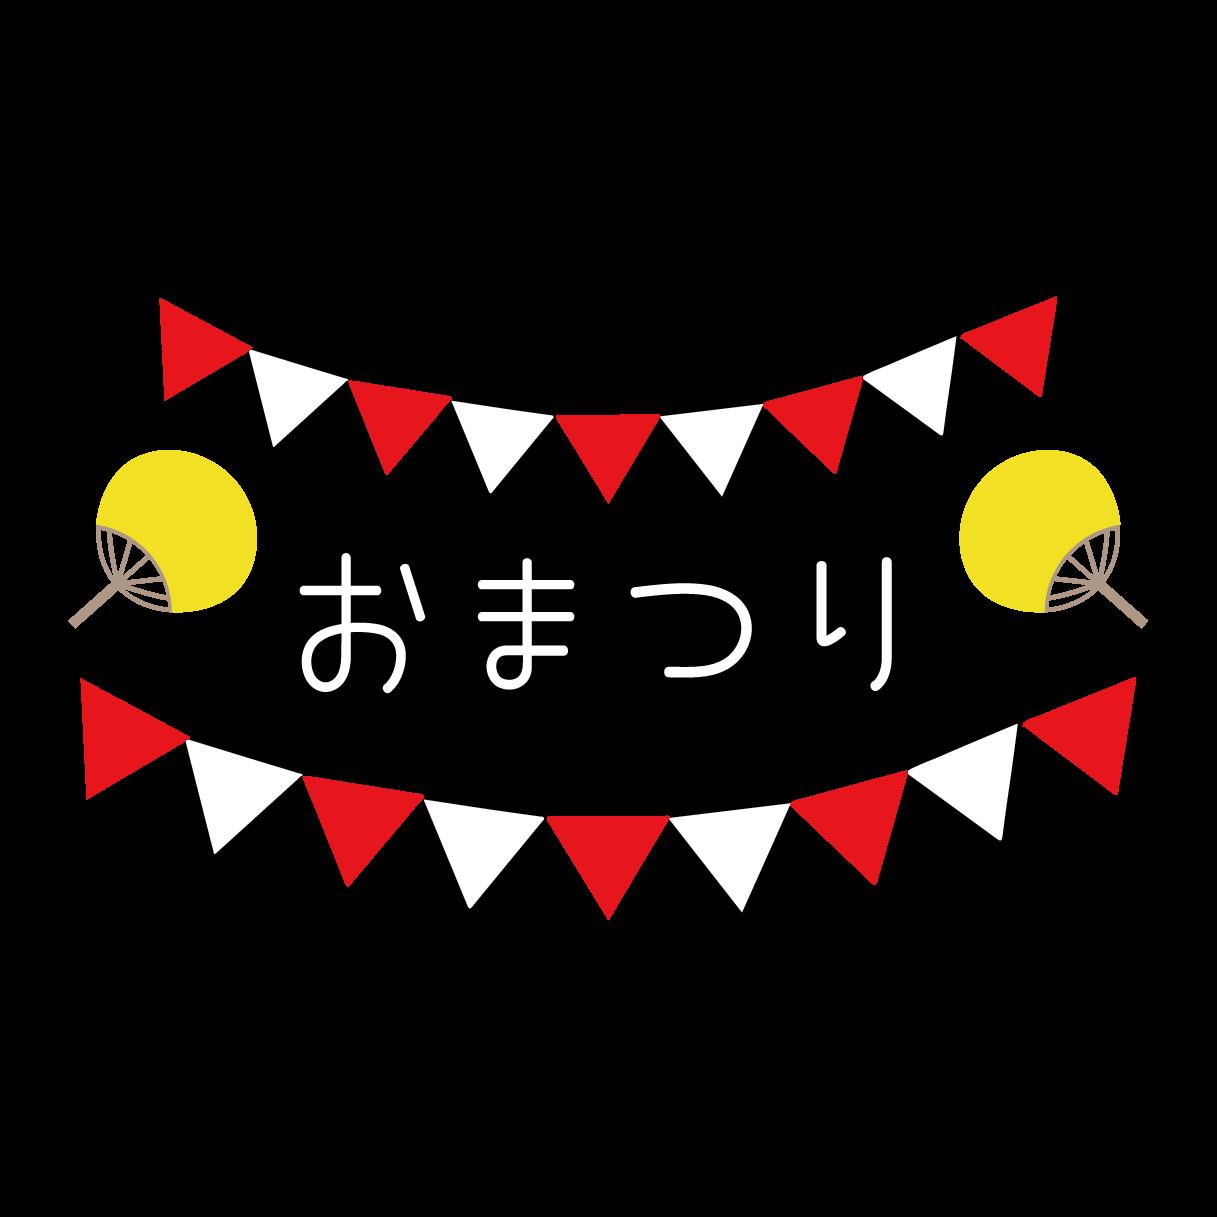 かわいい!お祭り(まつり)ガーランド 文字のイラスト | 商用フリー